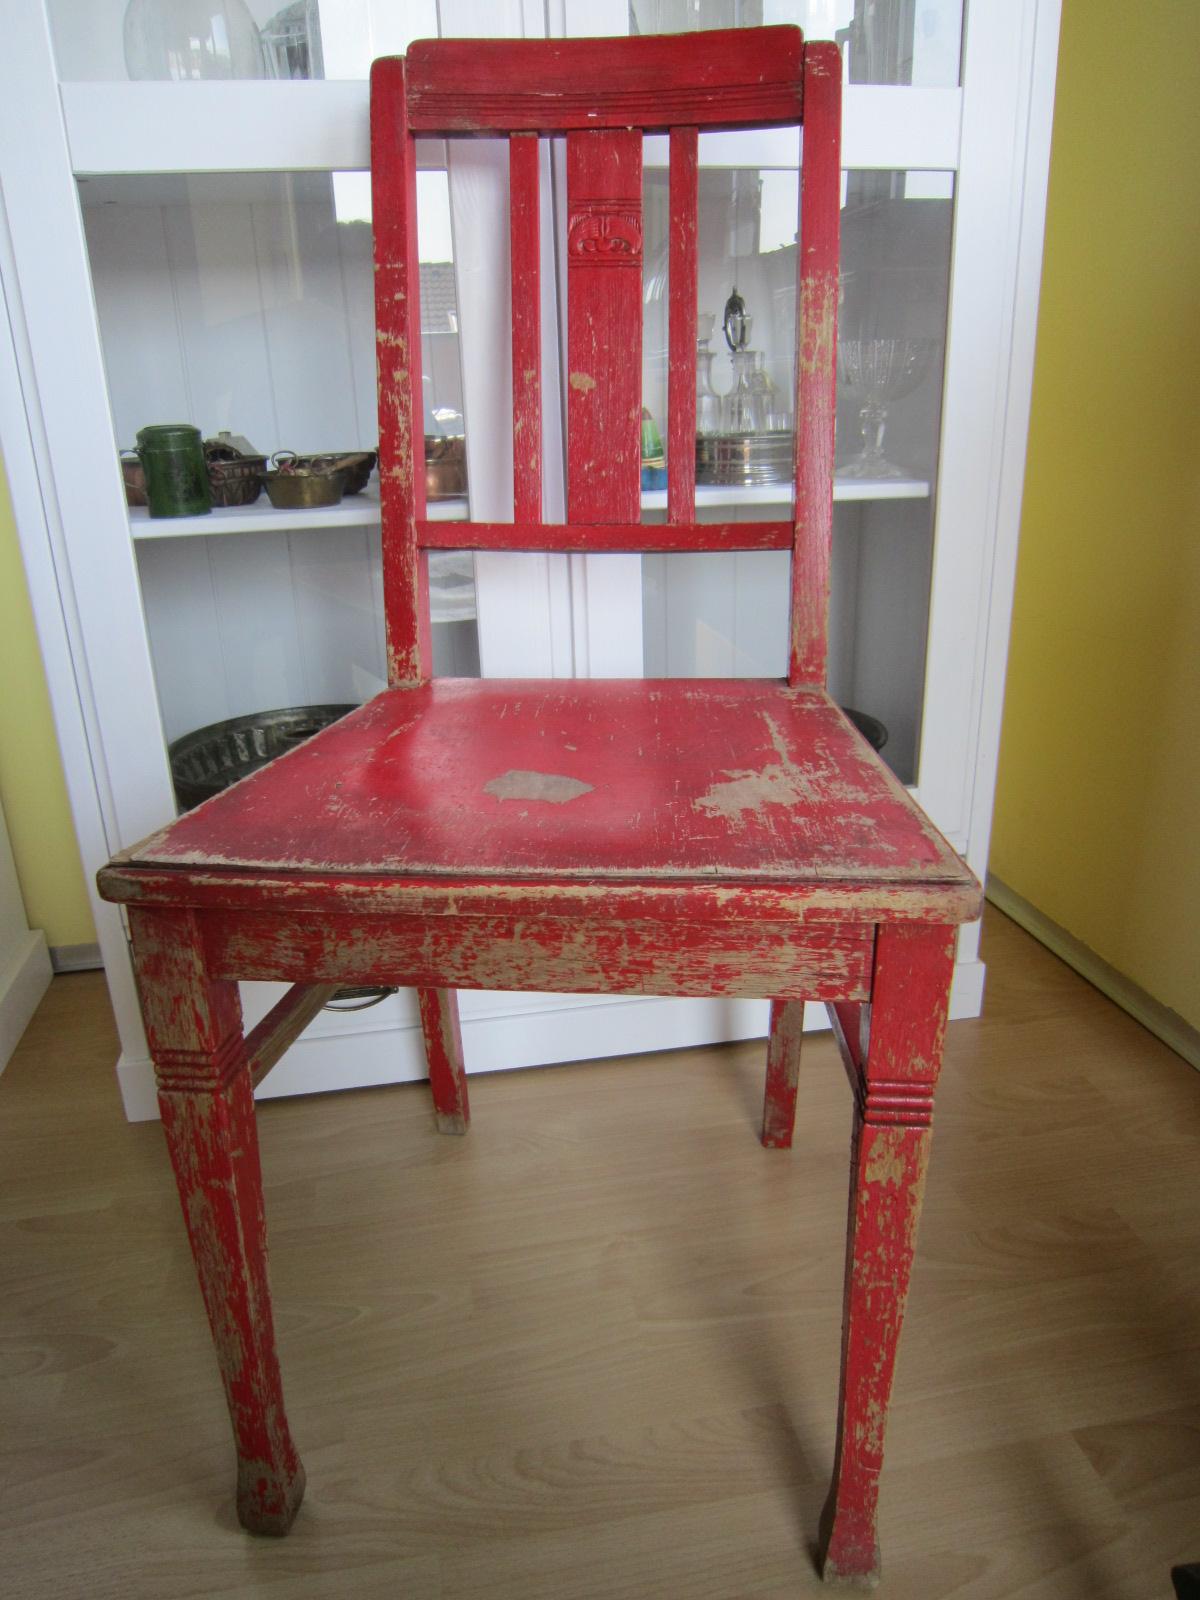 stuhl shabby chic stuhl er set stuhl shabby chic niedlich gamer stuhl with stuhl shabby chic. Black Bedroom Furniture Sets. Home Design Ideas